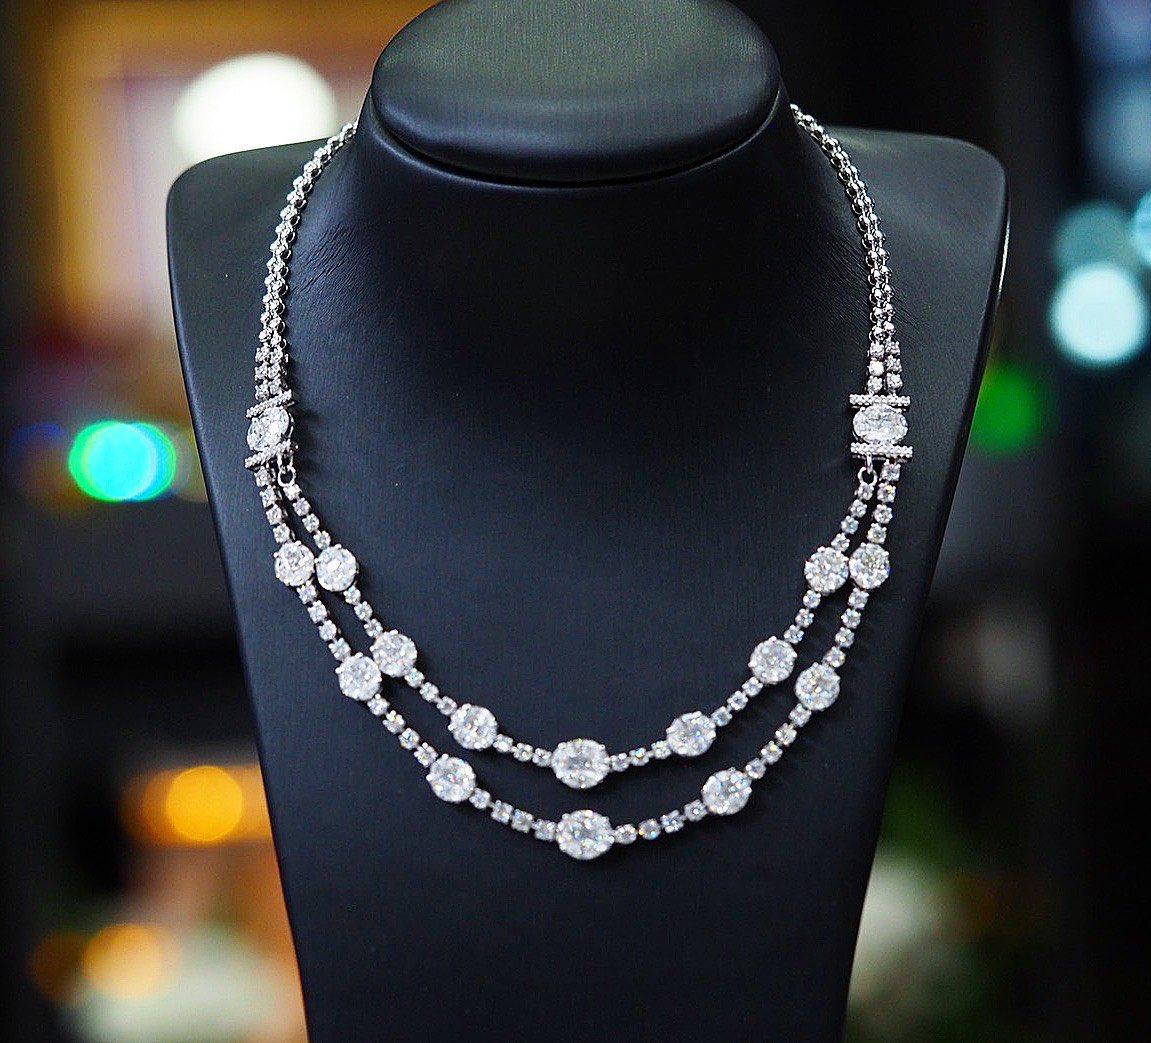 Diamond necklaces illusion . #diamonds #diamondnecklaces#weddingnecklaces #luxuryjewelry #highjewelry #finejewelry #Petchchompoojewelry #เพชรชมพูจิวเวลรี่ #fashionjewelry #weddingring  #weddingband #chanellover #hermeslover #lvlover #hermesthailand #chanelthailand #lvthailandpic.twitter.com/U3bX2UtLVu